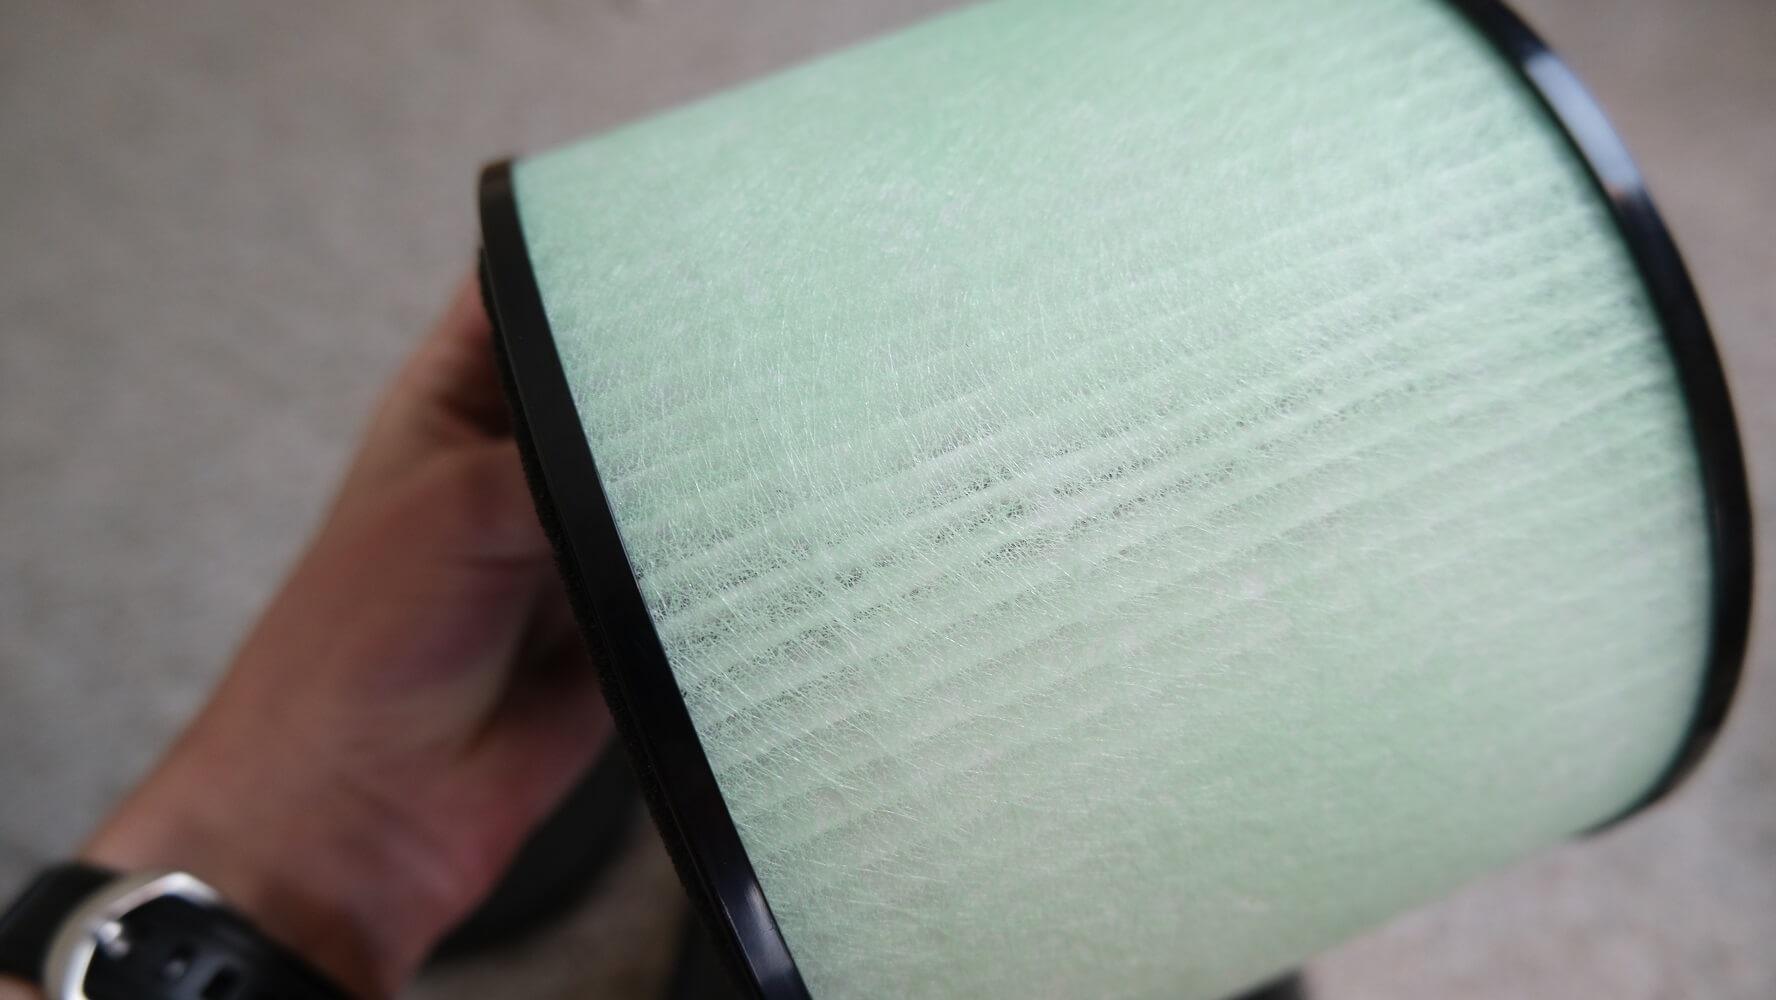 partu bs-08 air purifier filter